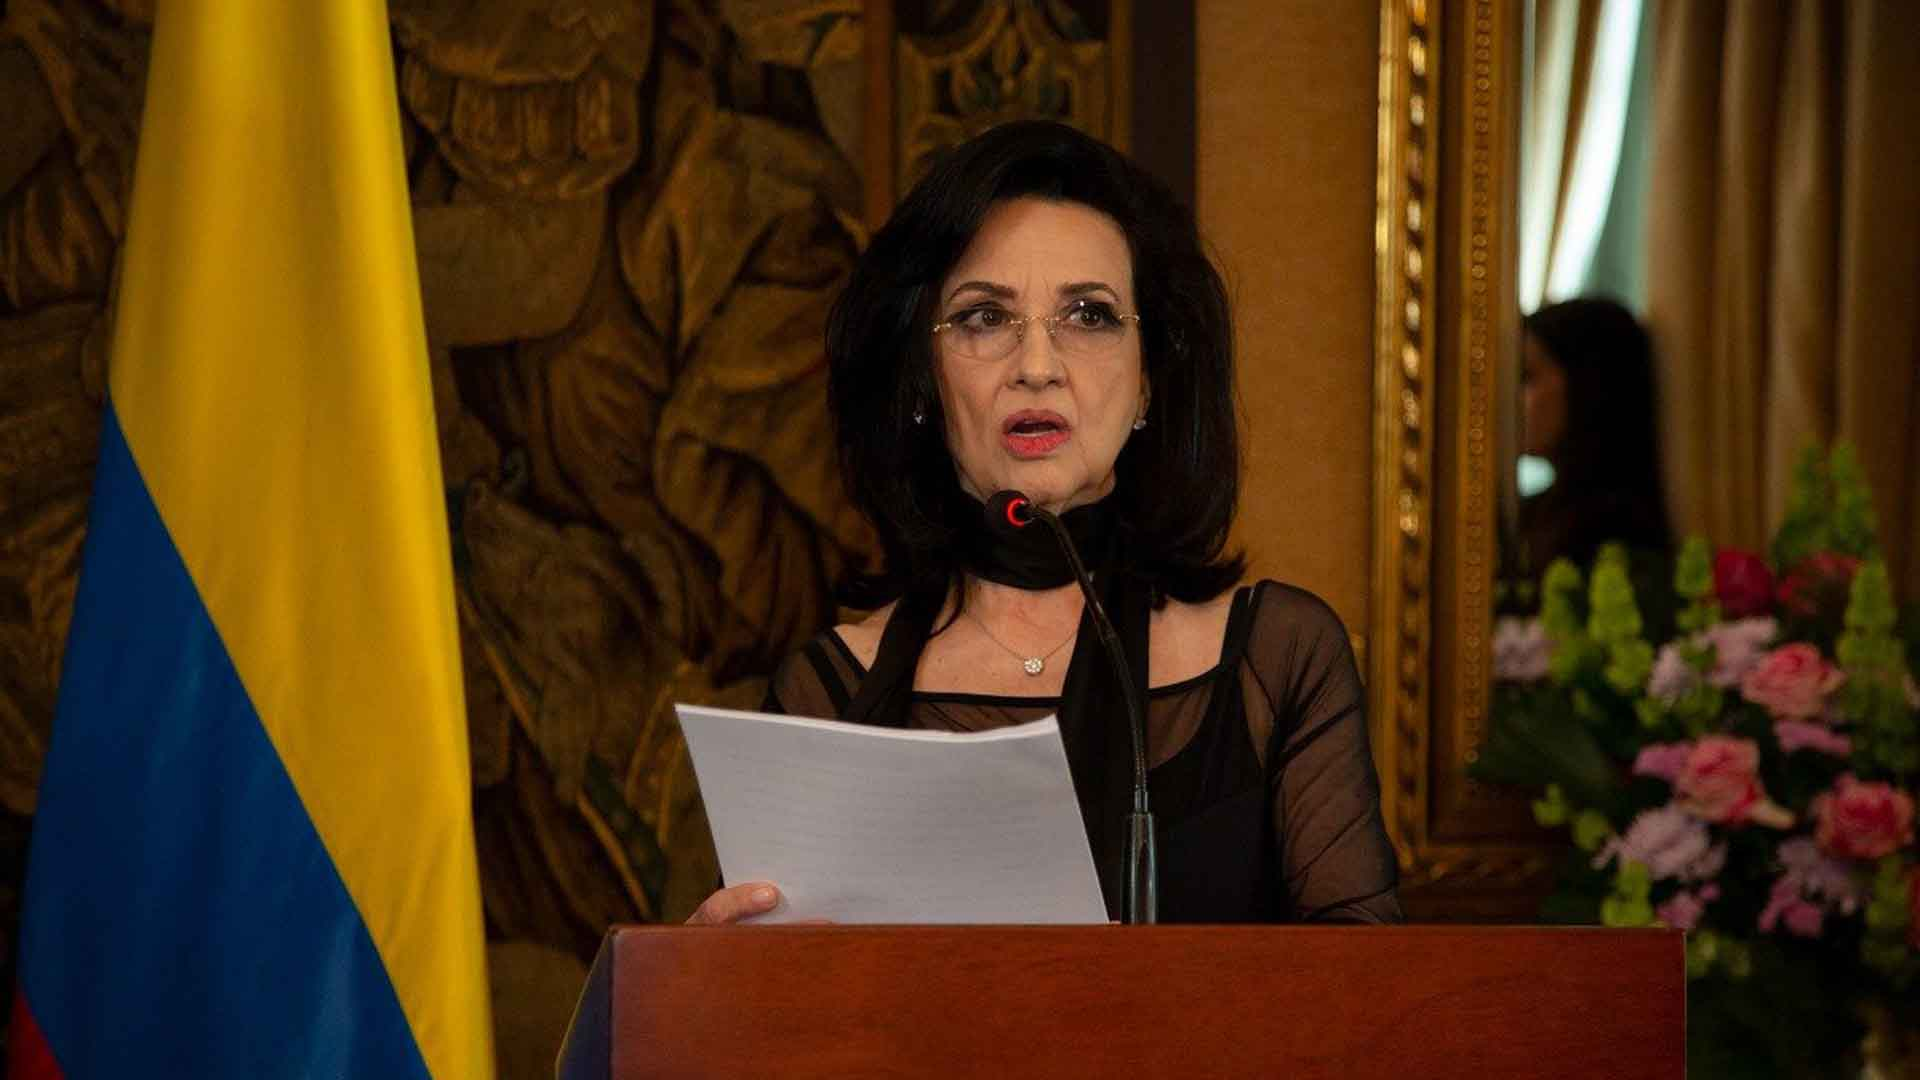 Canciller de Colombia Claudia Blum presentó su renuncia